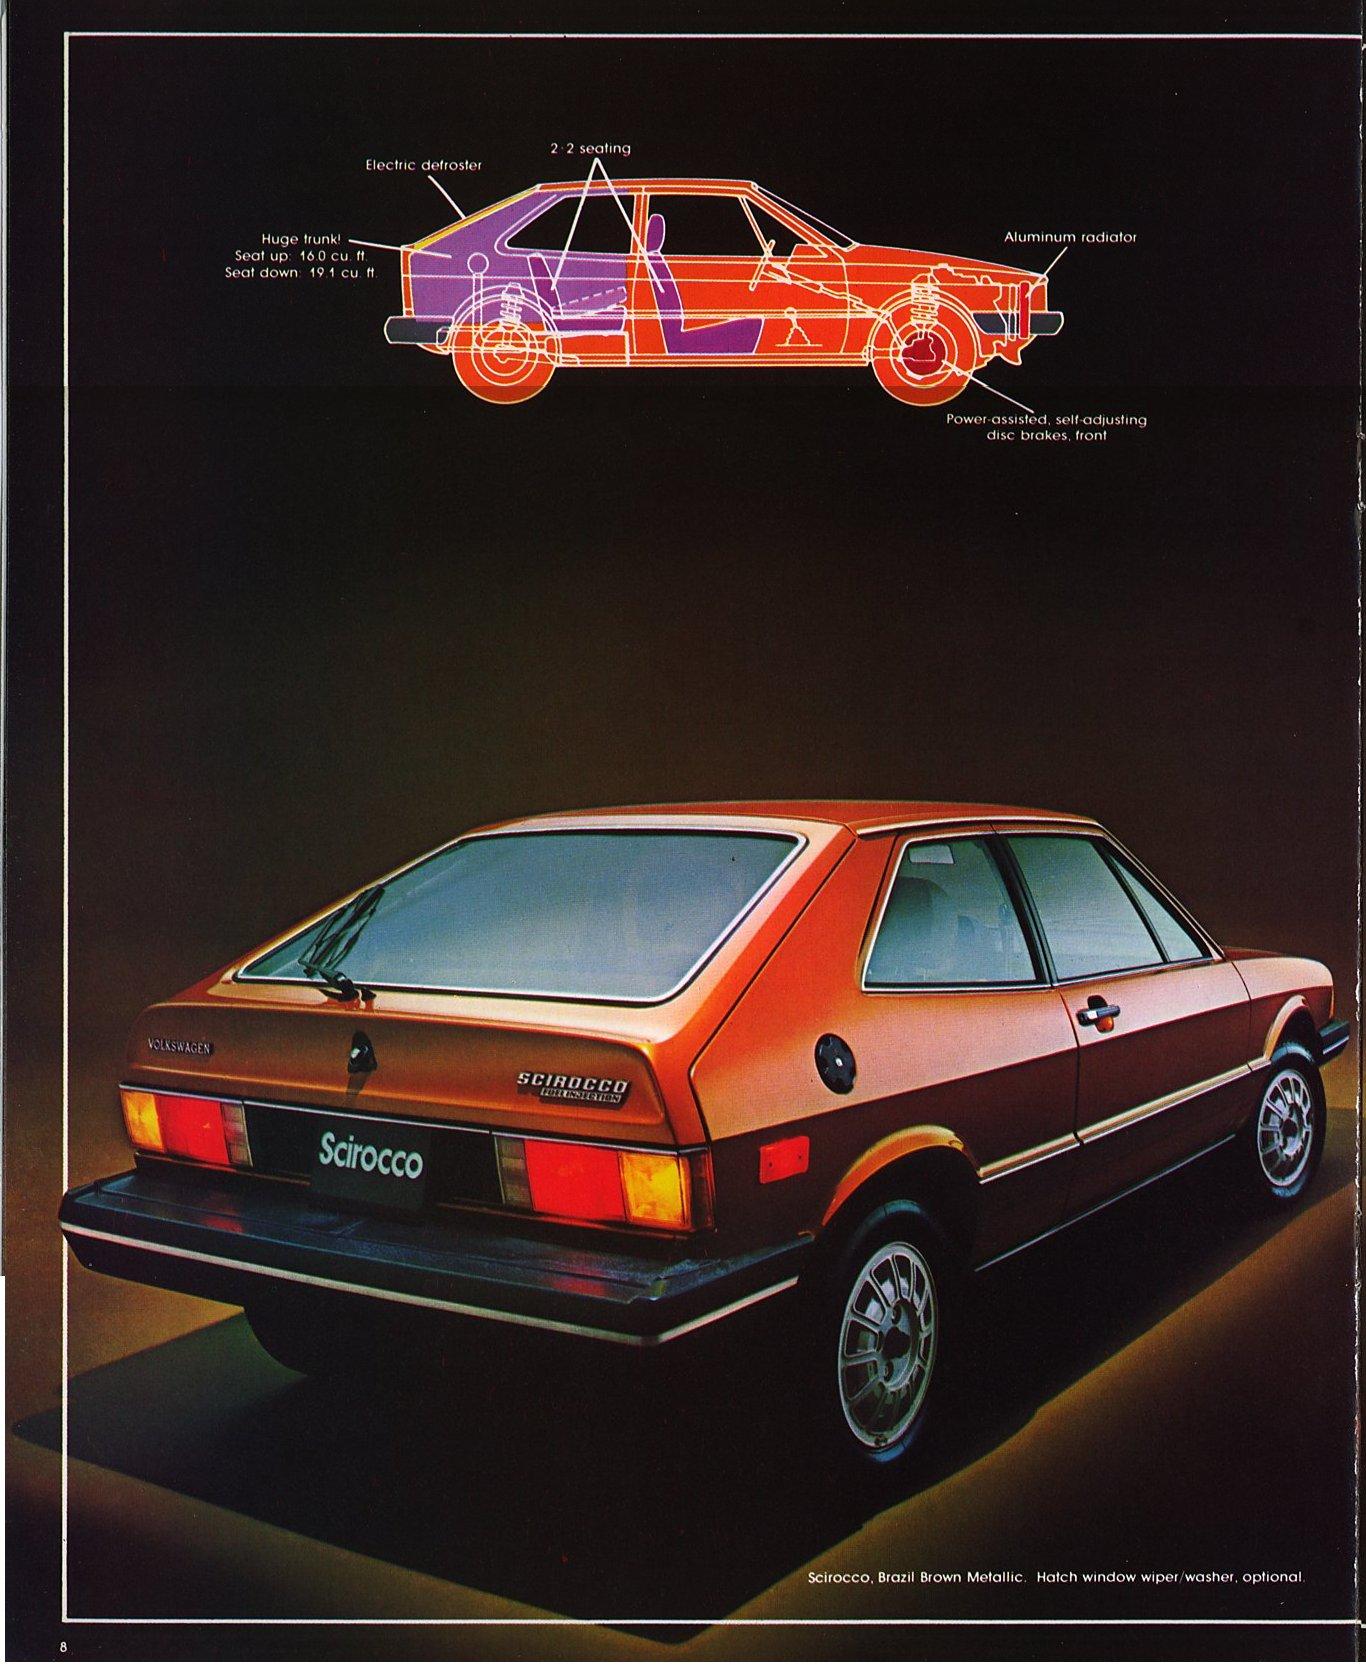 Volkswagen Scirocco 1980 : vw archives 1980 vw scirocco brochure ~ Nature-et-papiers.com Idées de Décoration